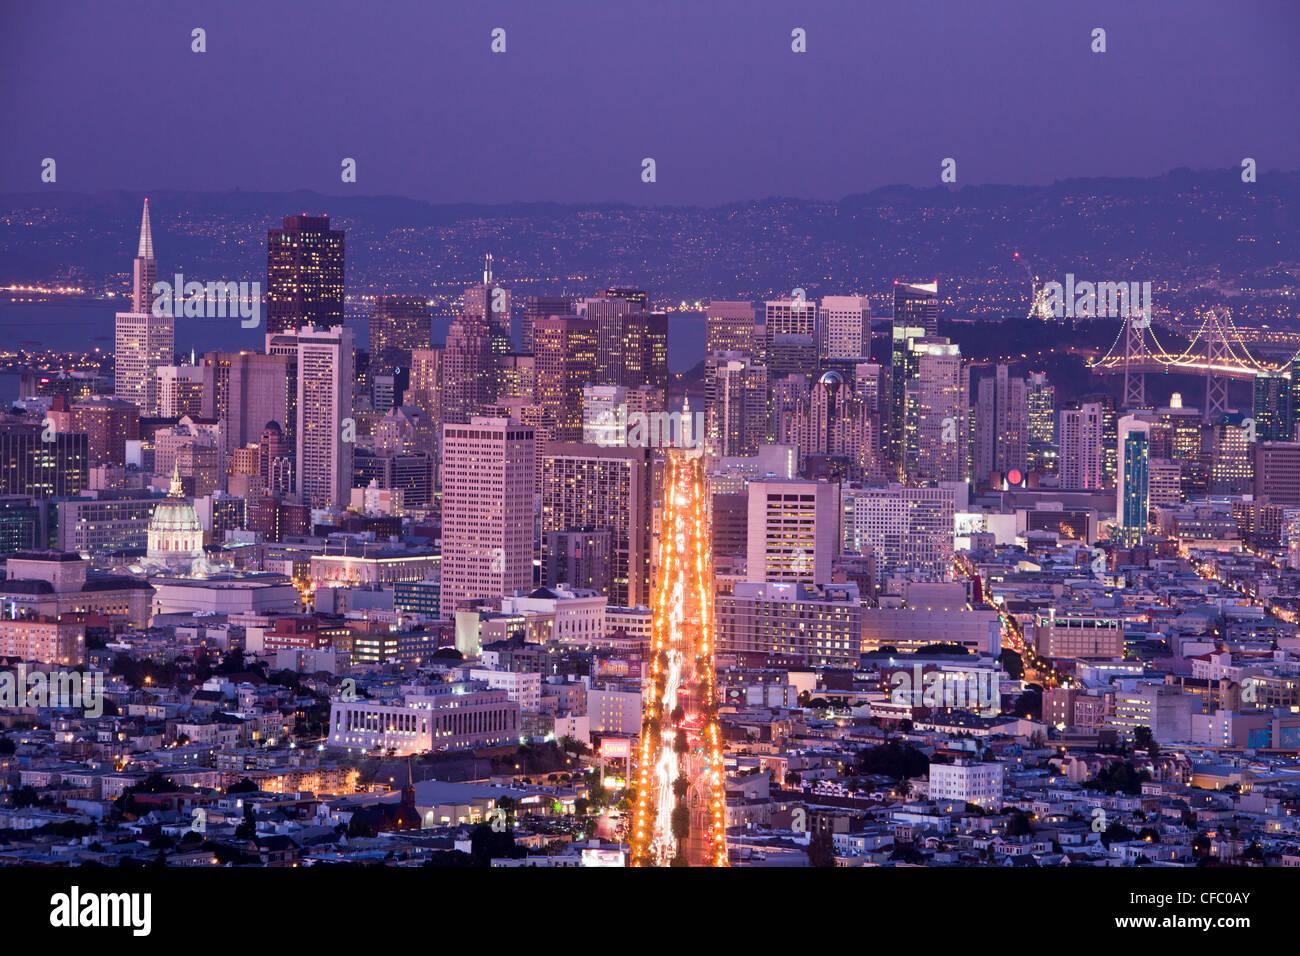 Ee.Uu., país, Estados Unidos, California, San Francisco, la ciudad, el centro de la ciudad, Market Street, la arquitectura, la bahía, en el centro de la ciudad, famosos, Mark Foto de stock